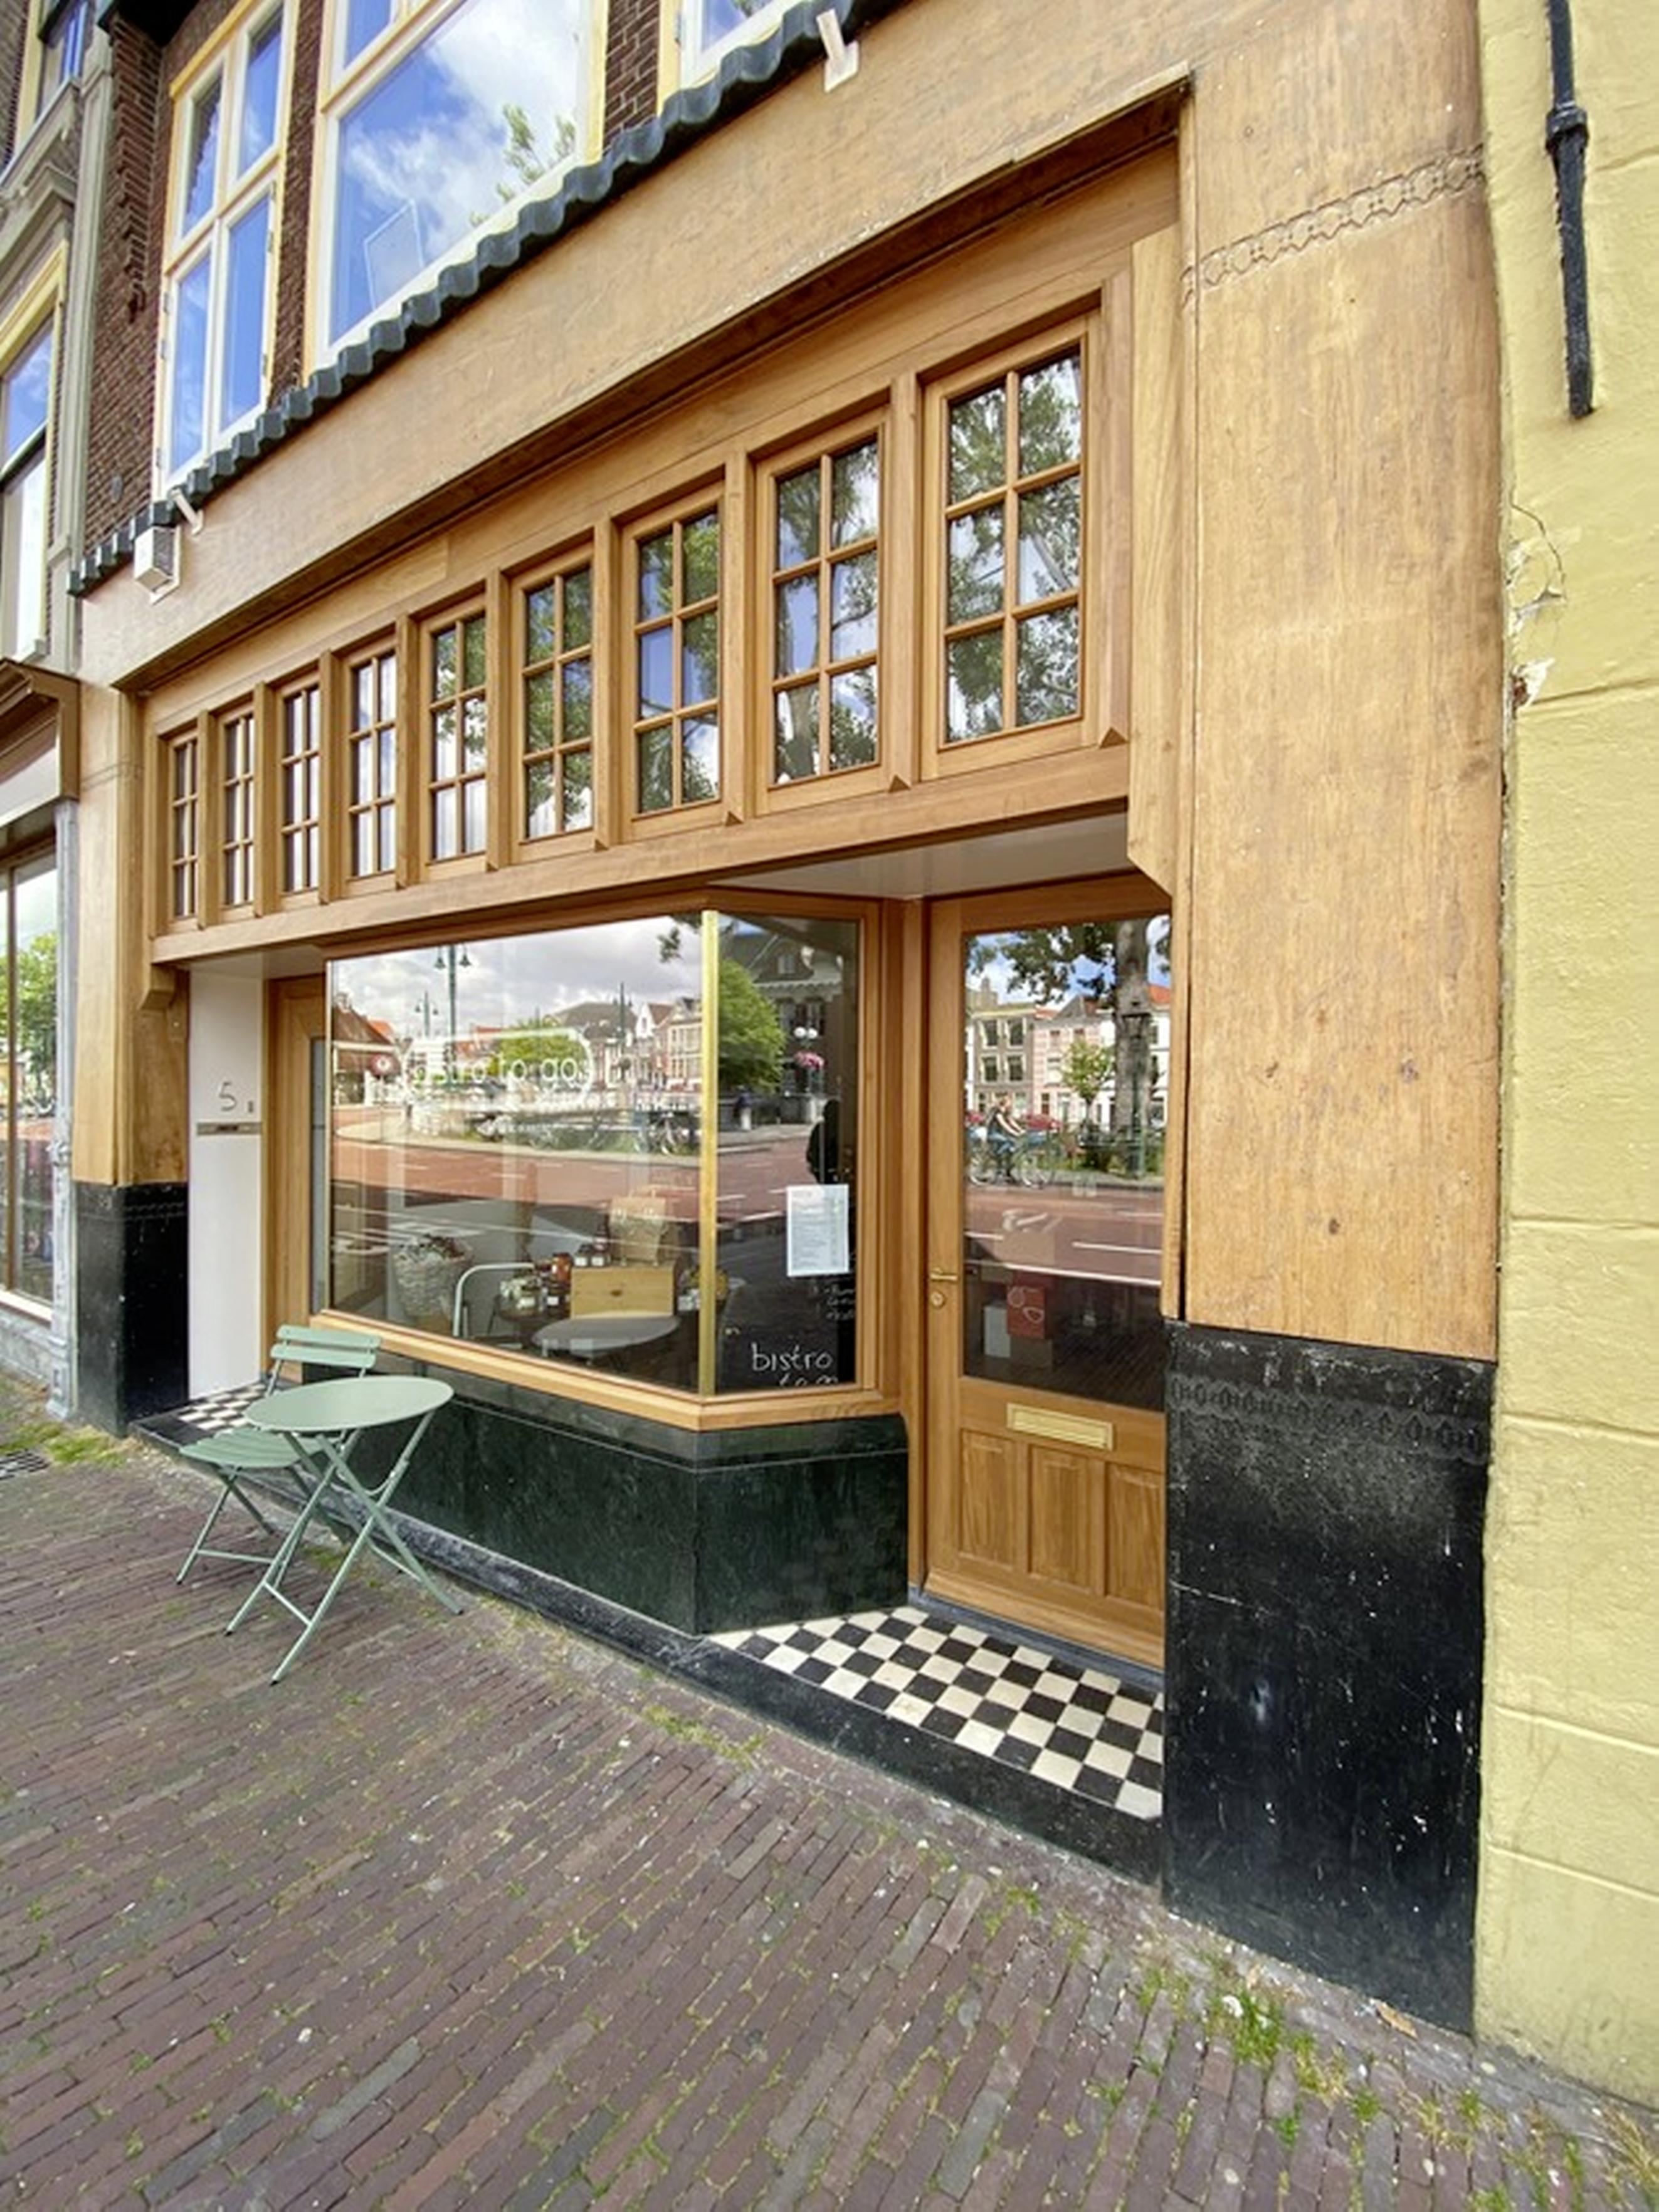 Ruimere subsidie Historisch Stadsbeeld 'brengt diversiteit in het Leidse stadsbeeld terug'